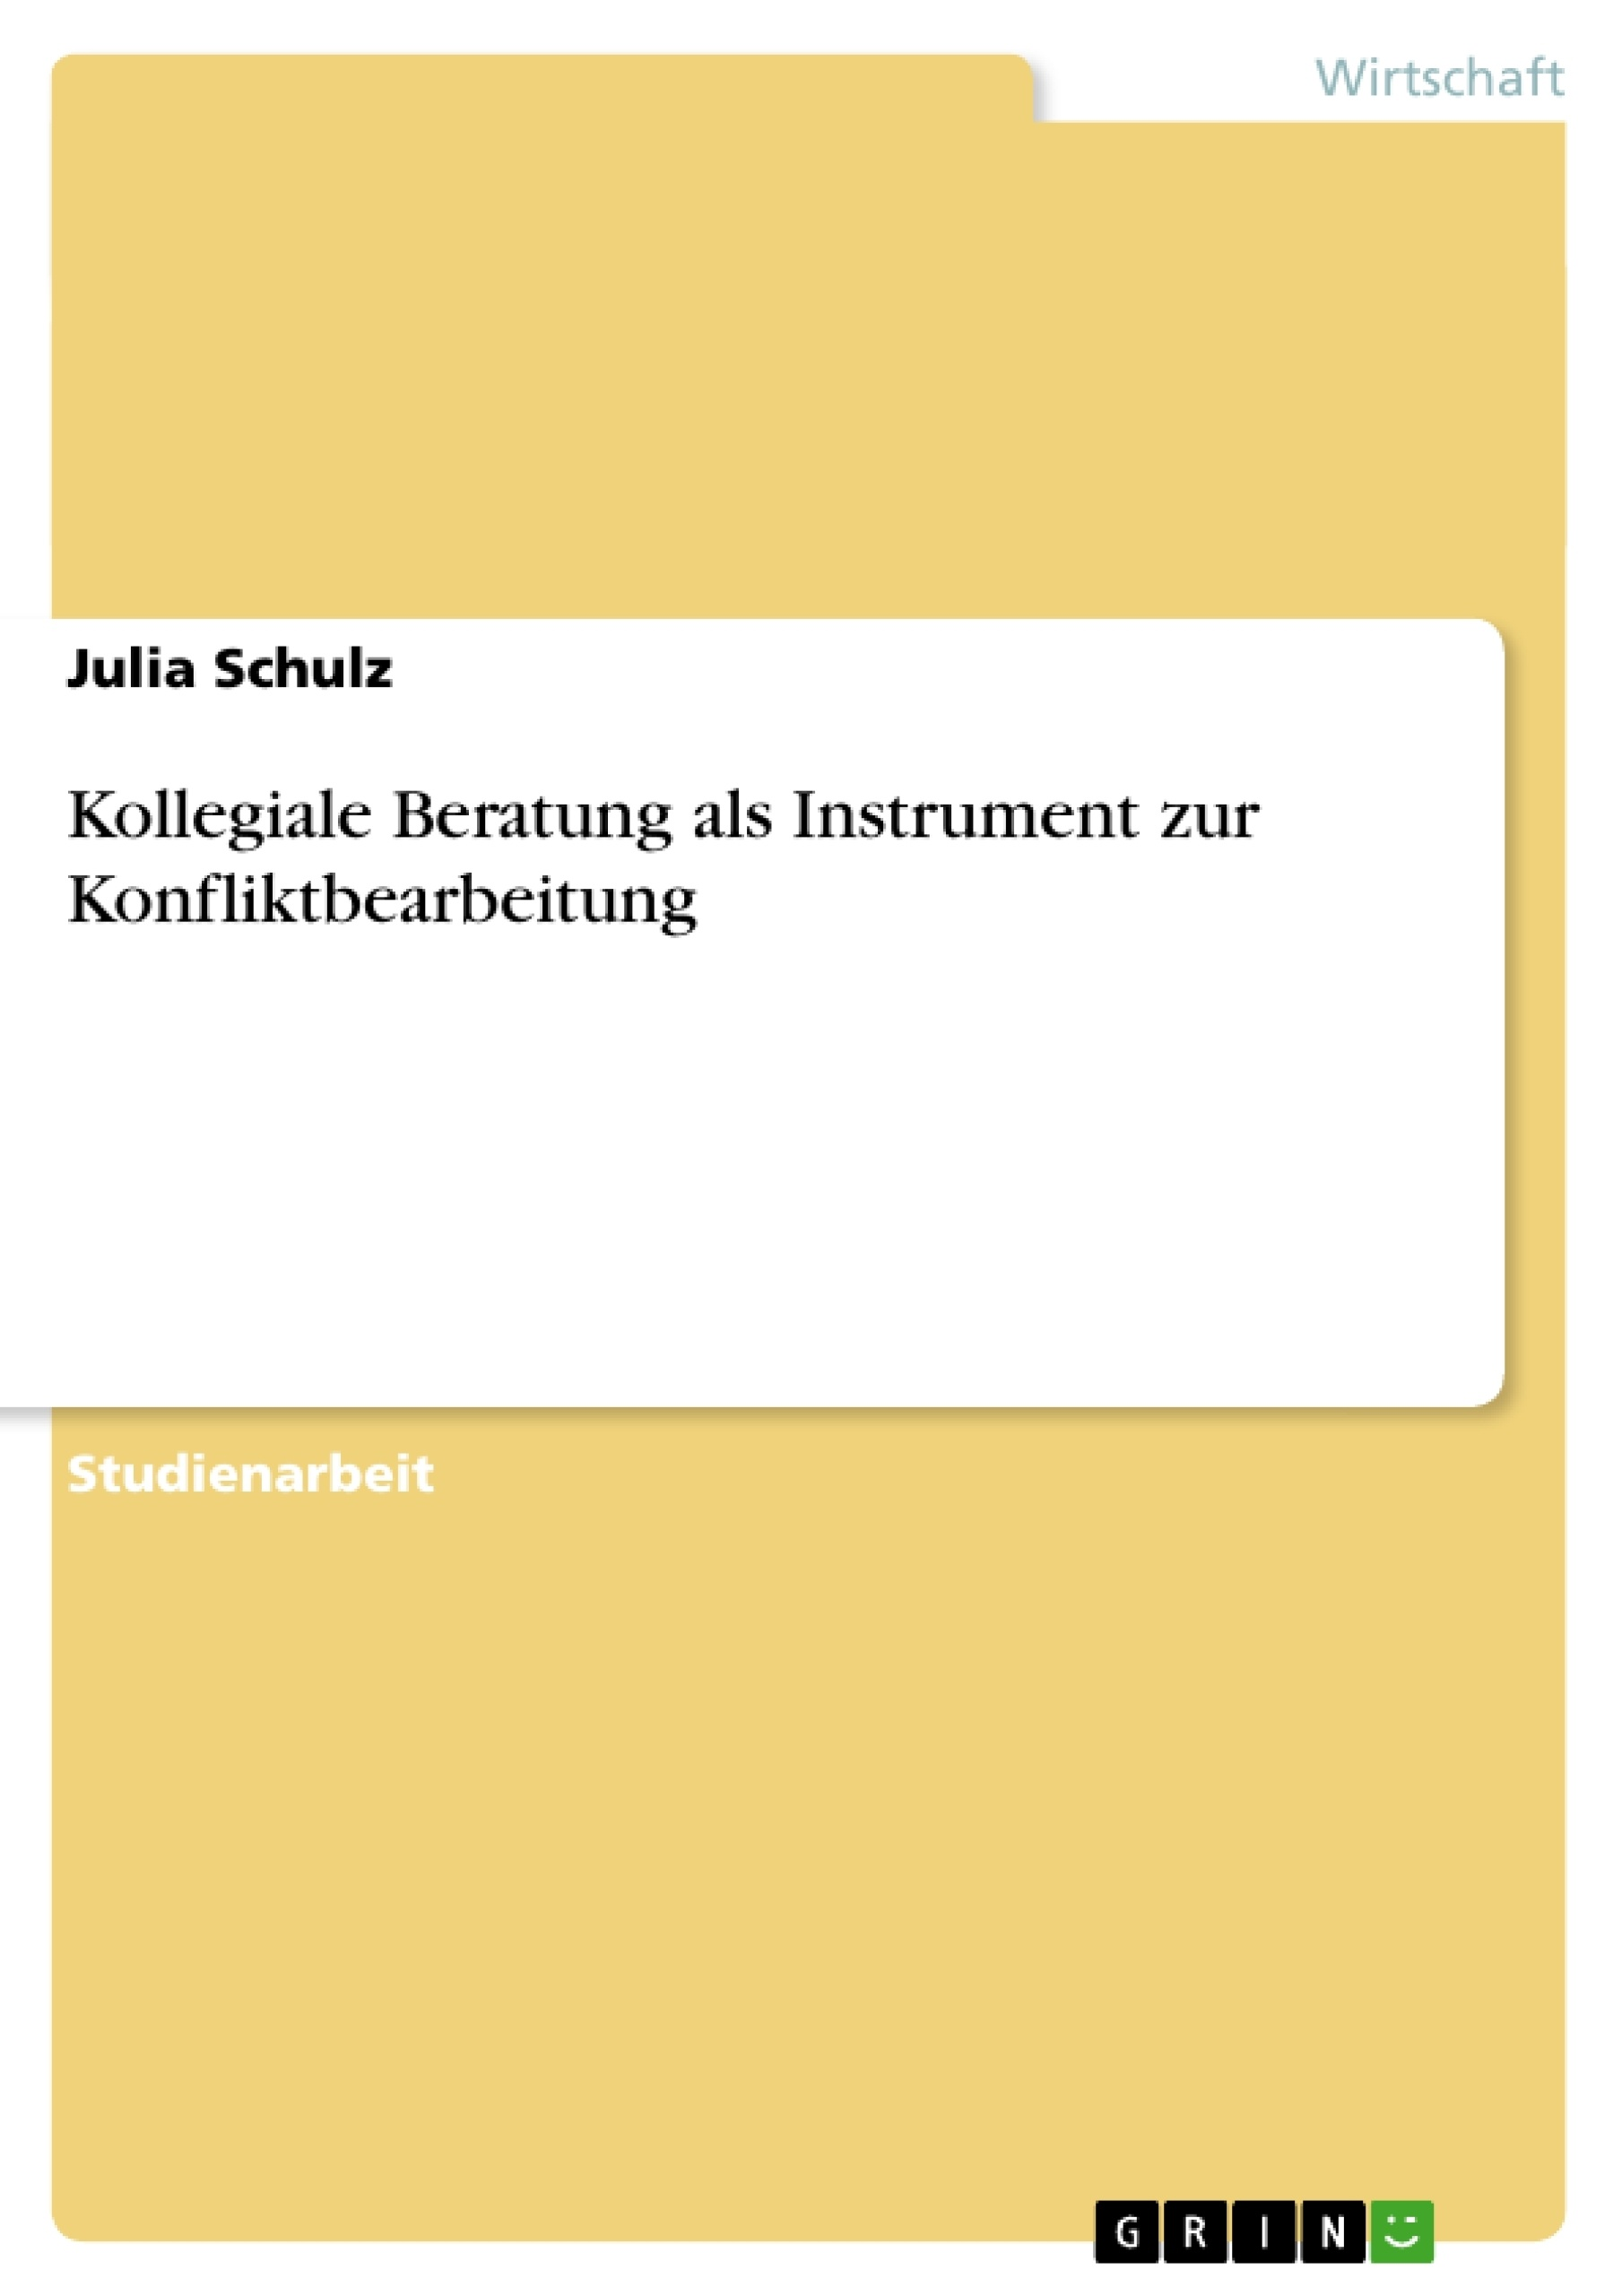 Titel: Kollegiale Beratung als Instrument zur Konfliktbearbeitung